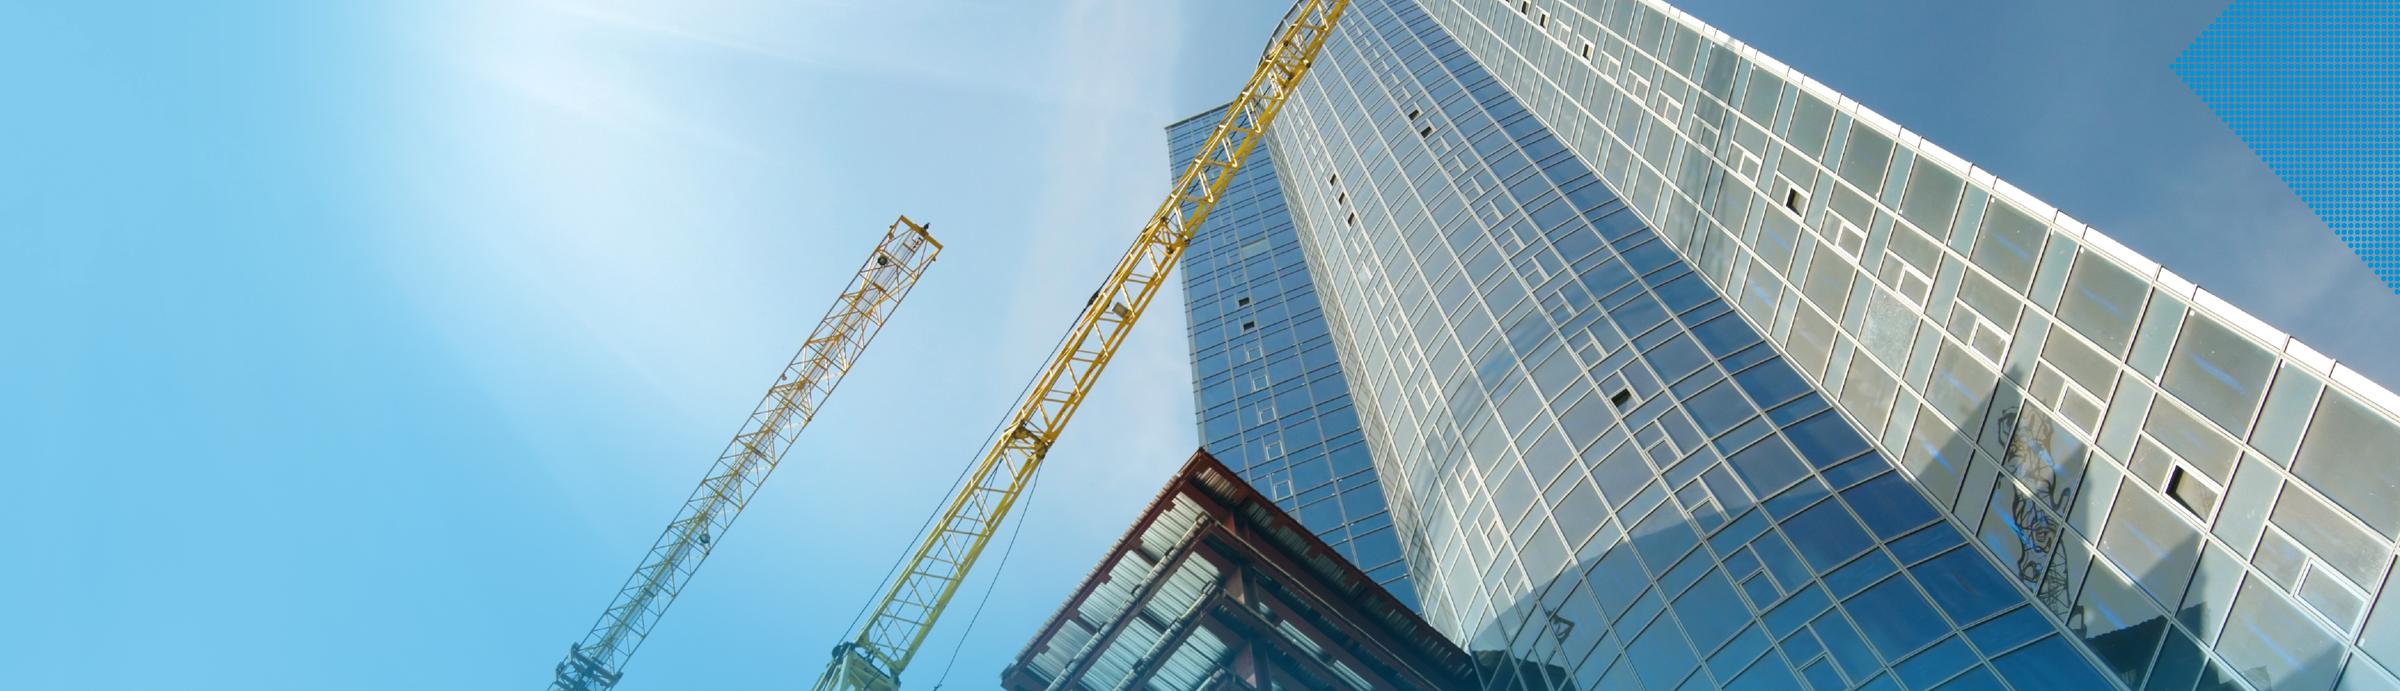 Kotisivu - Rakennusteollisuus